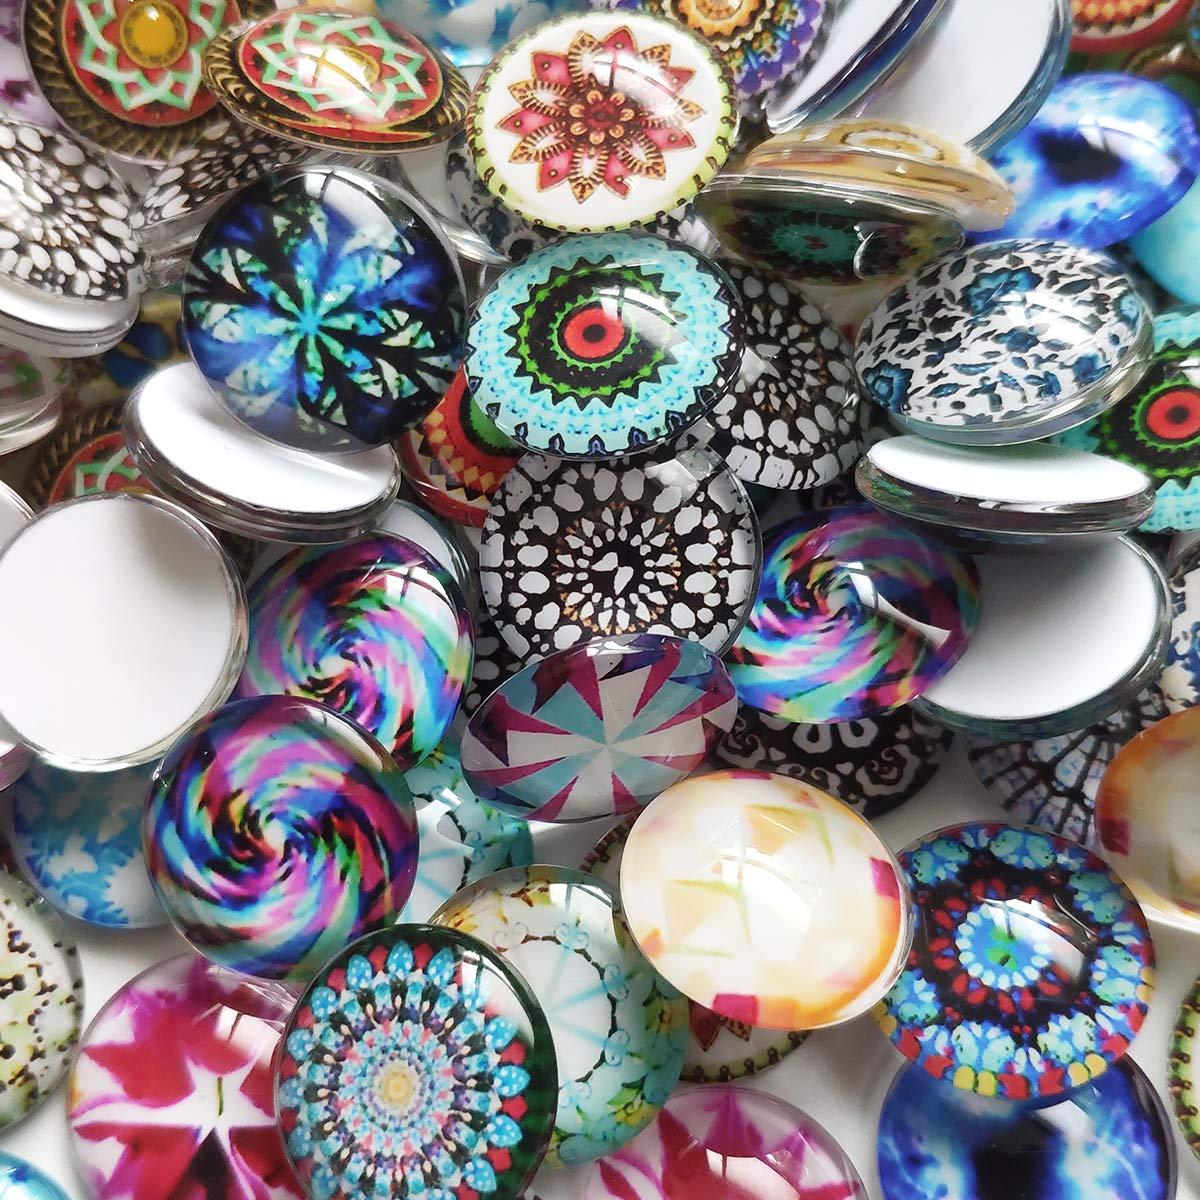 Gnognauq 100 Piezas Azulejos de Mosaico de 20mm Mixto Redondo para Manualidades Suministros Mosaico de Vidrio para Joyer/ía Pulseras